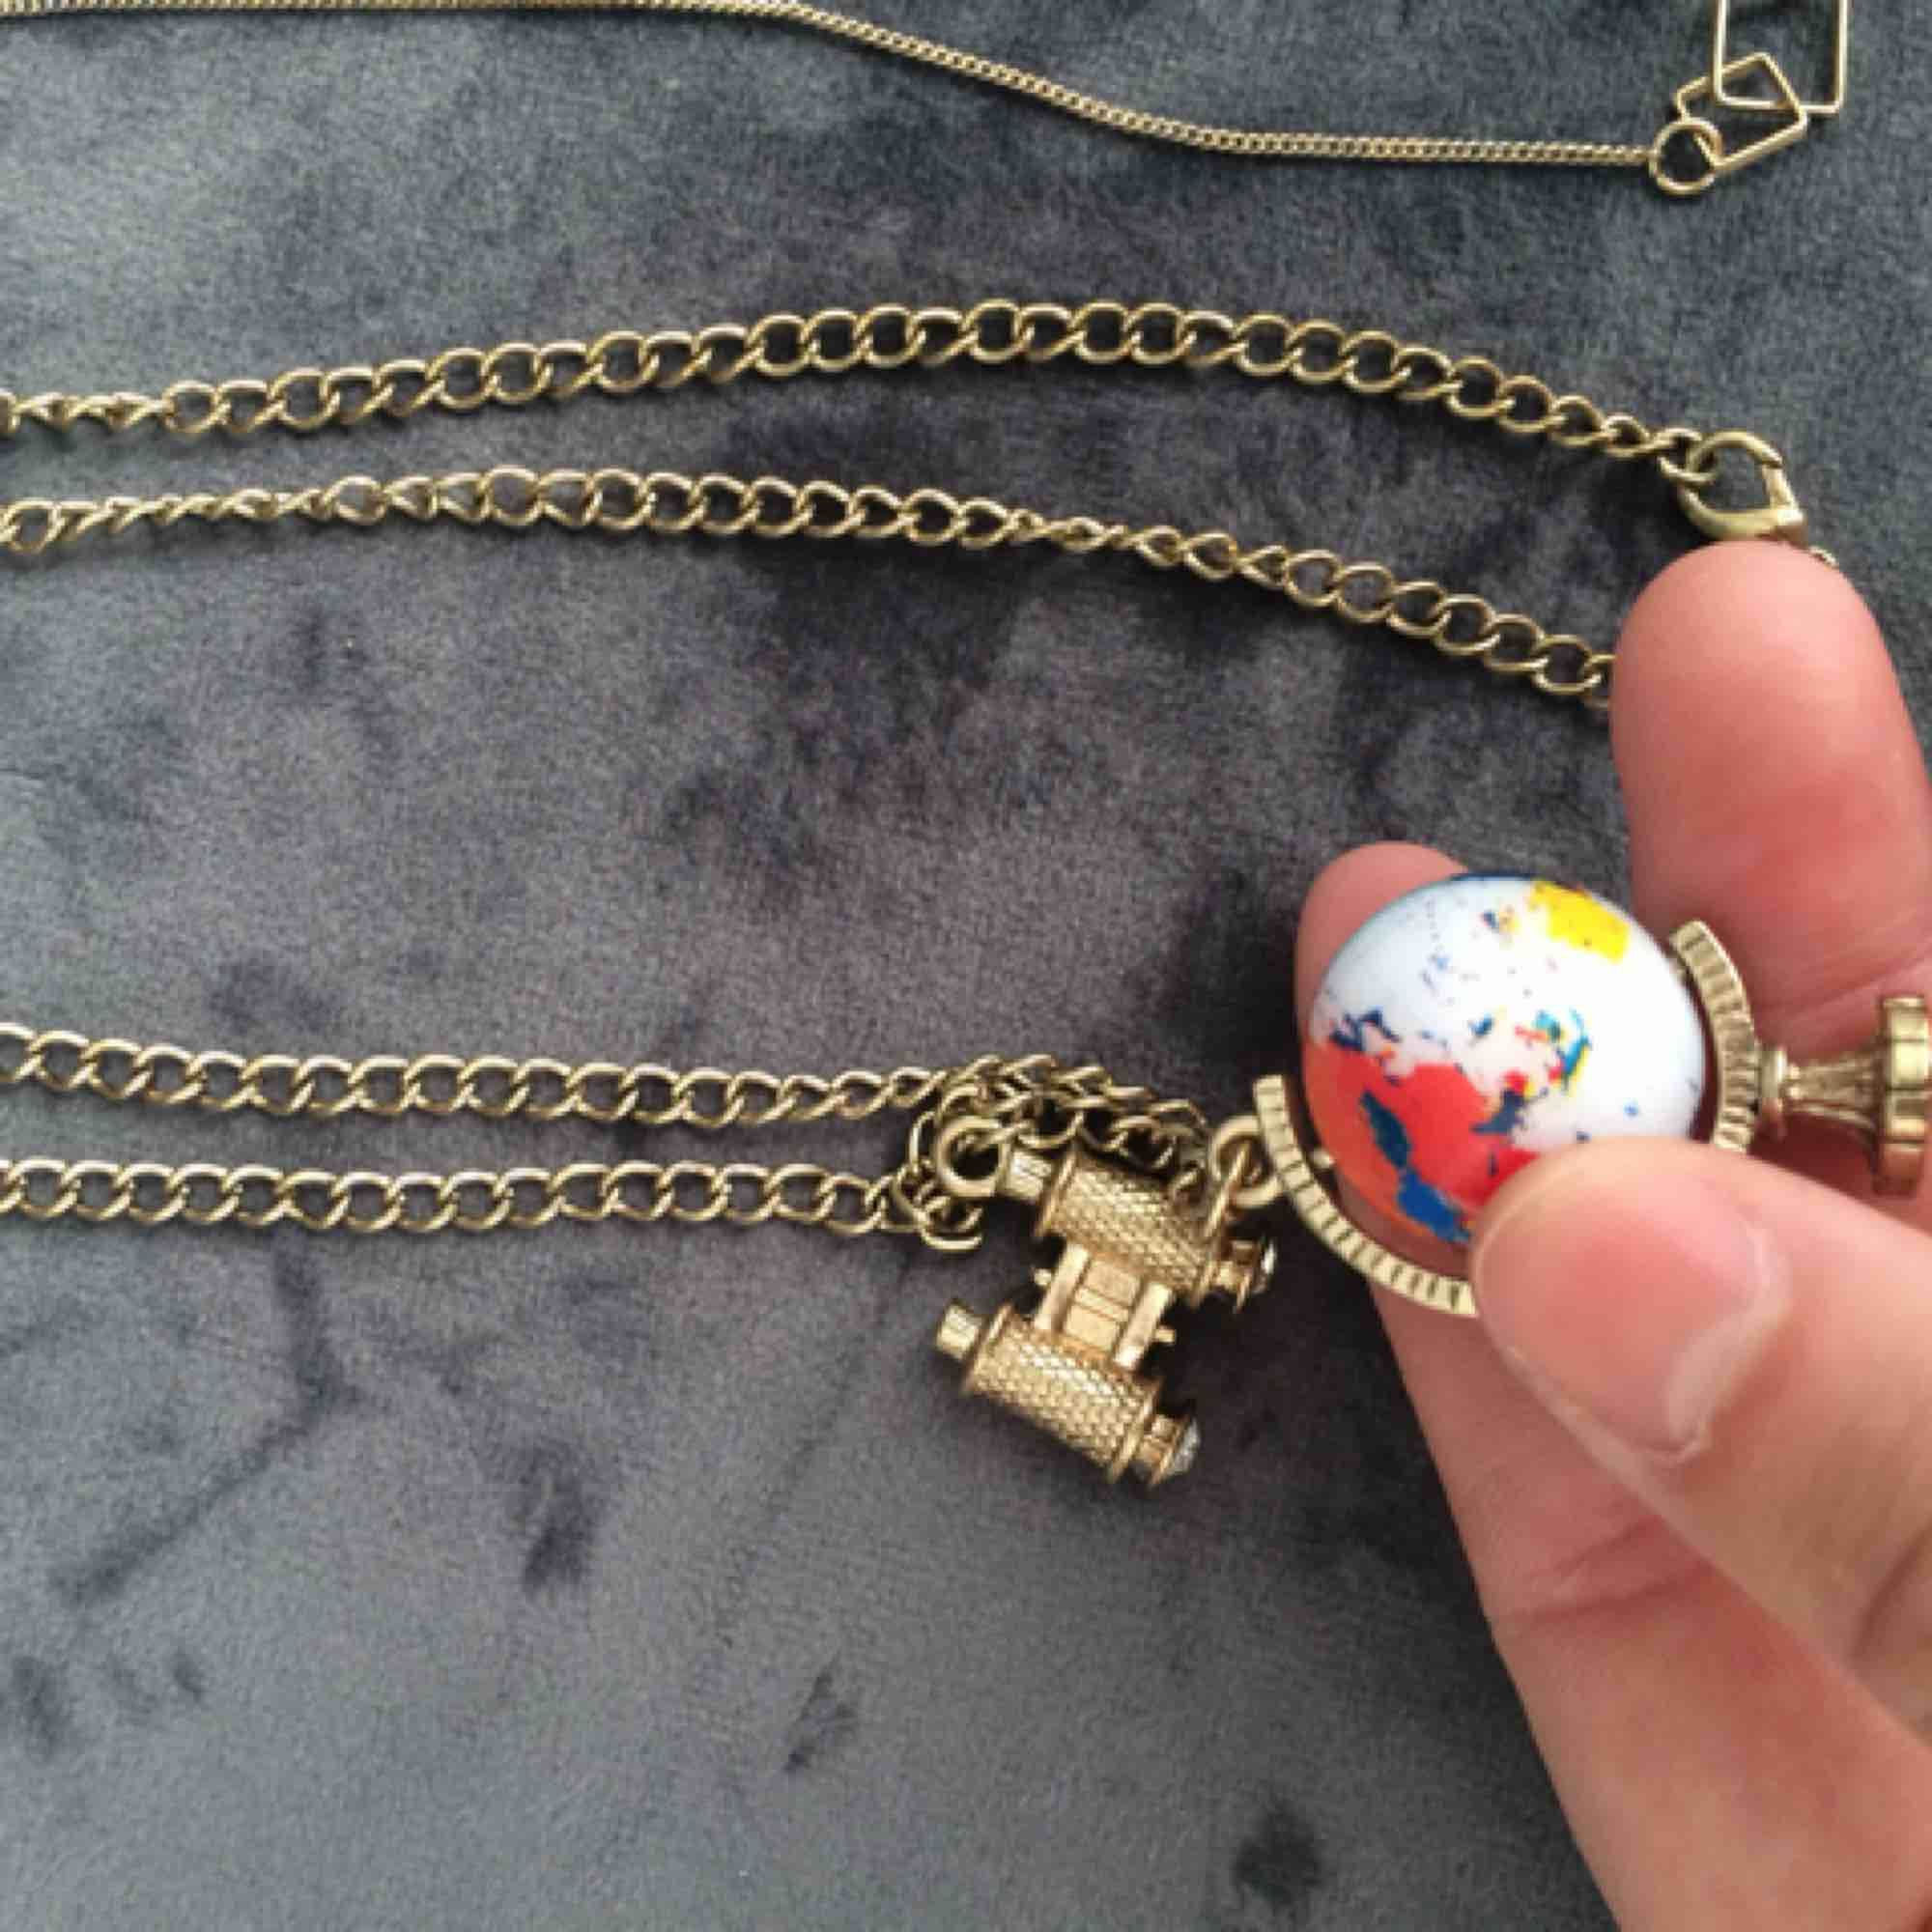 Halsband med jordglob (som snurrar) och kikare. Accessoarer.